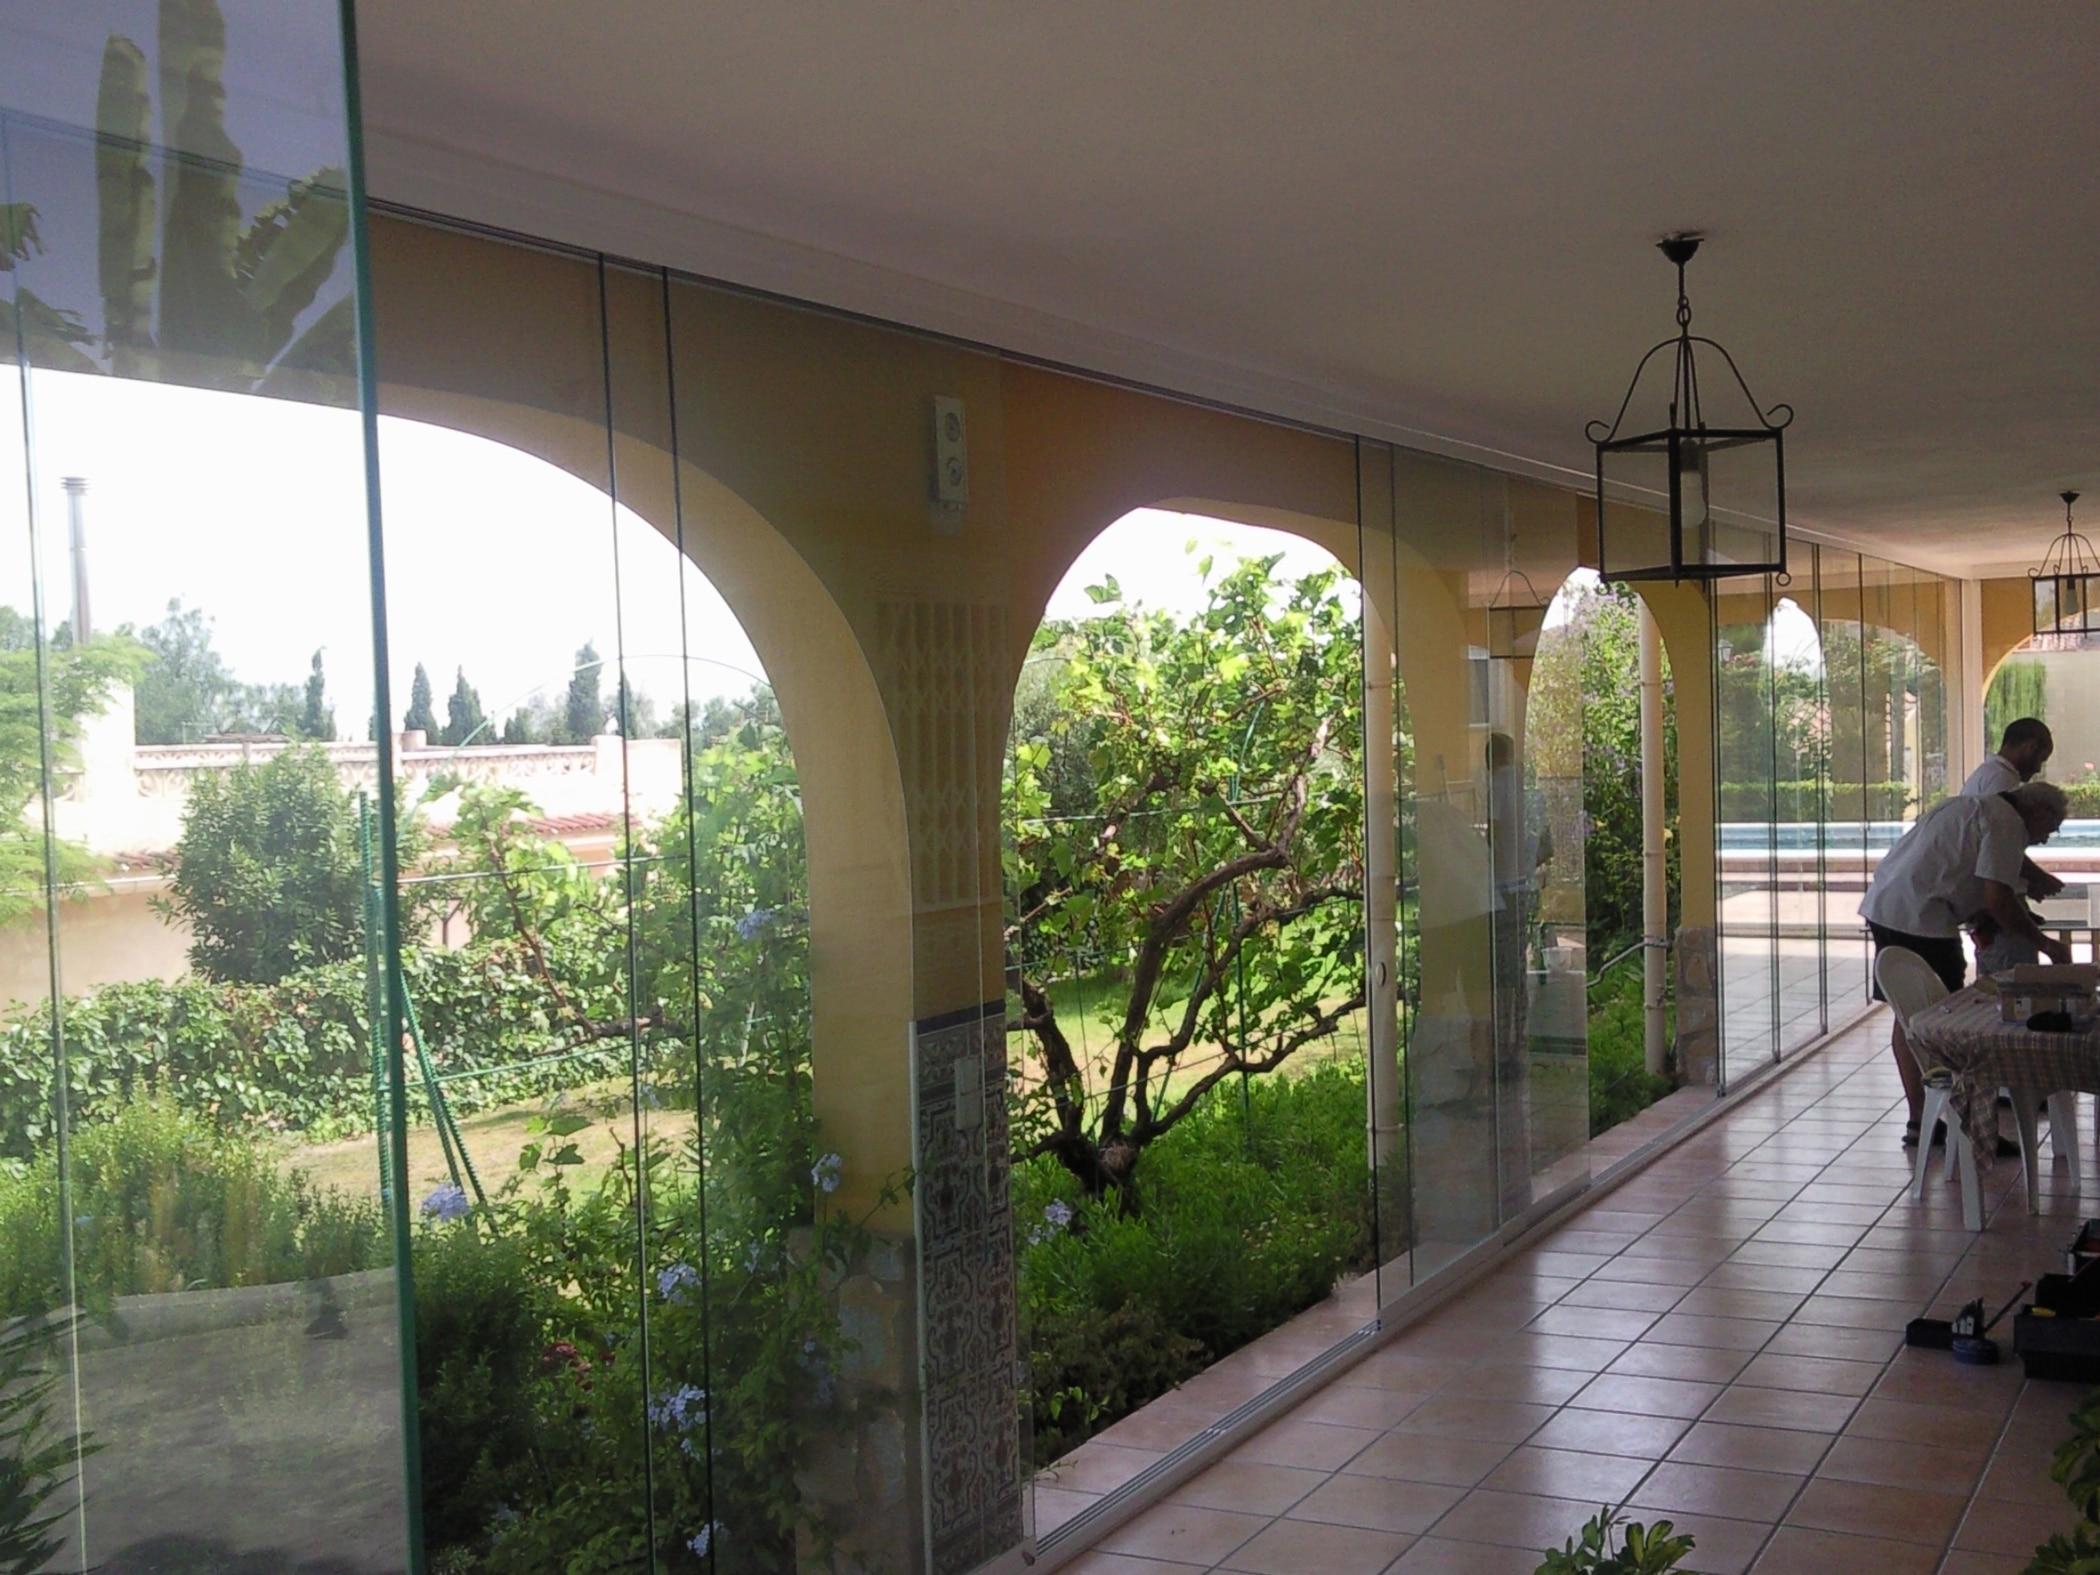 Windschutz Glas schiebbar für überdachten Bereich